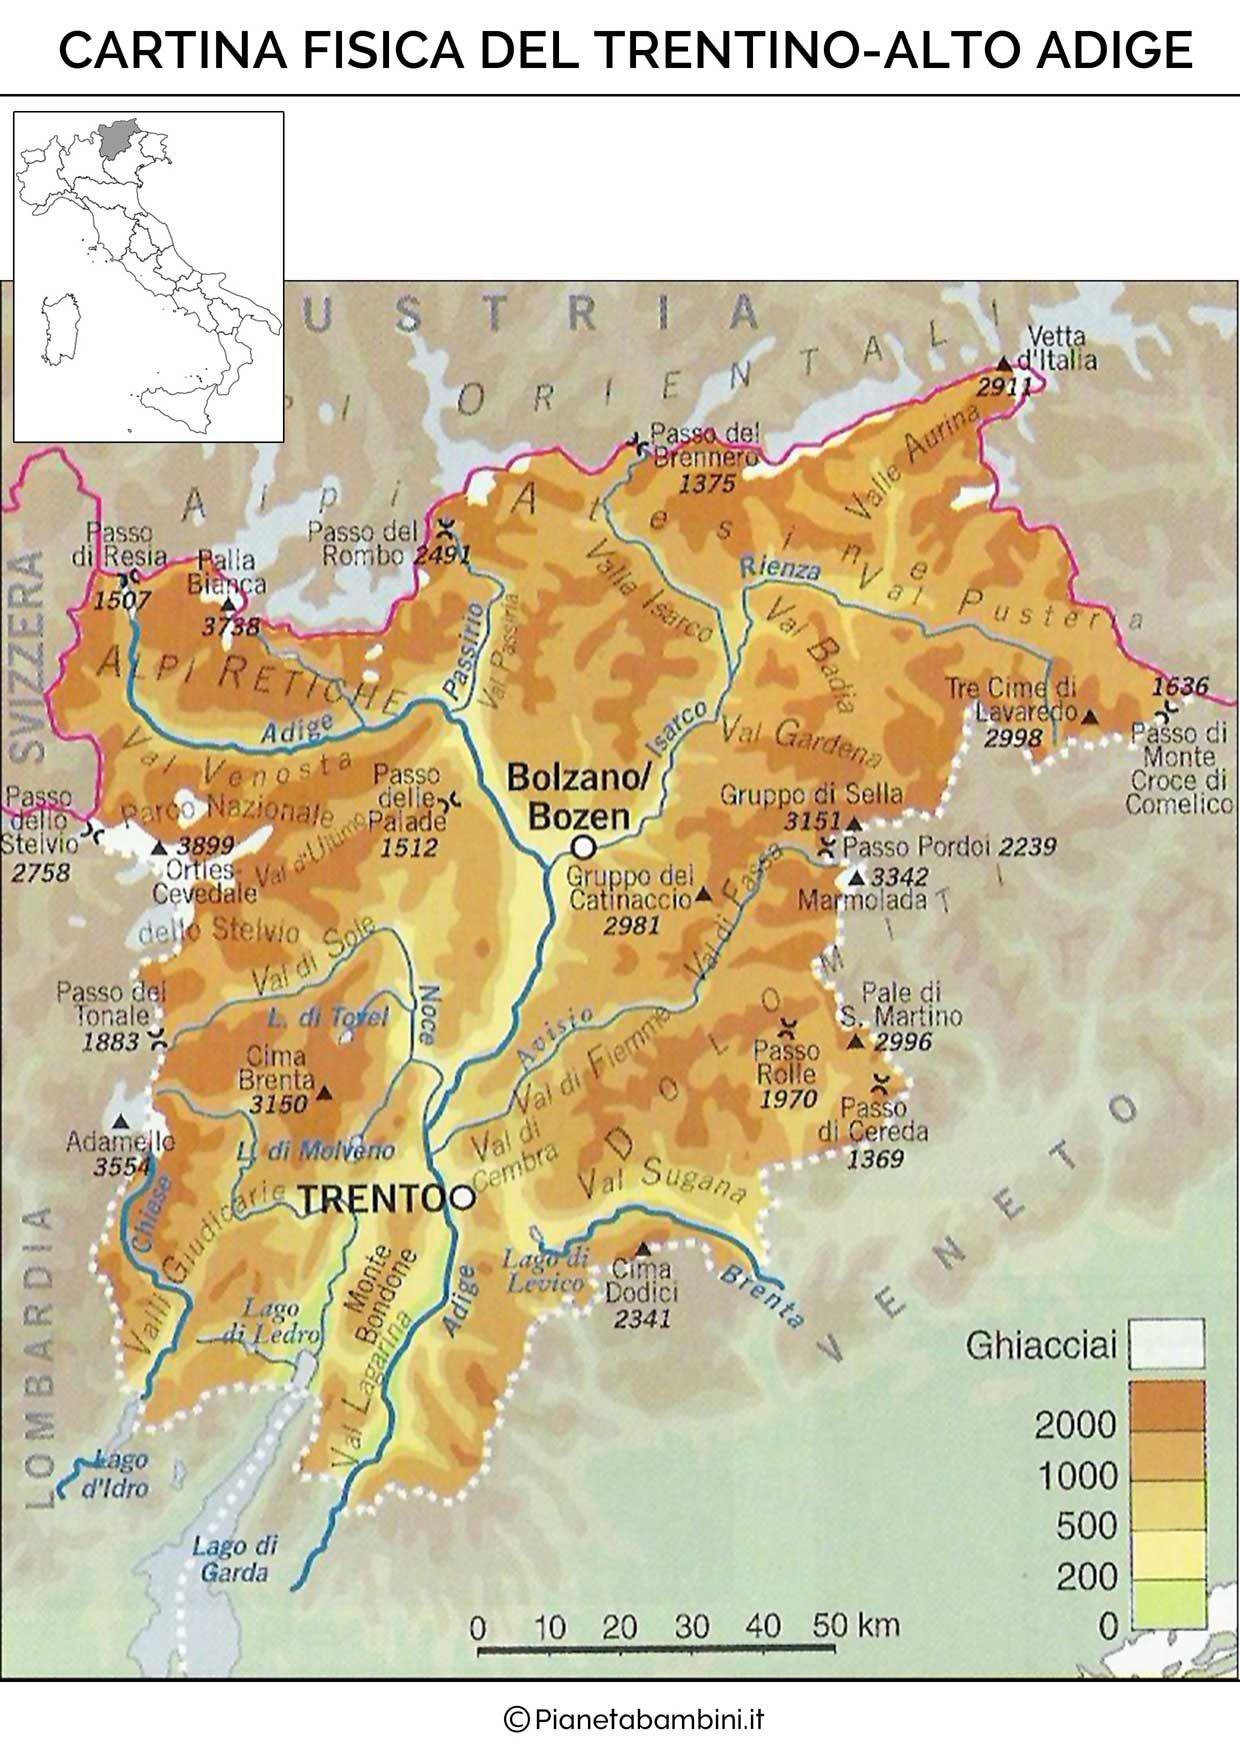 La cartina fisica del trentino alto adige da stampare - Immagini da colorare delle montagne ...